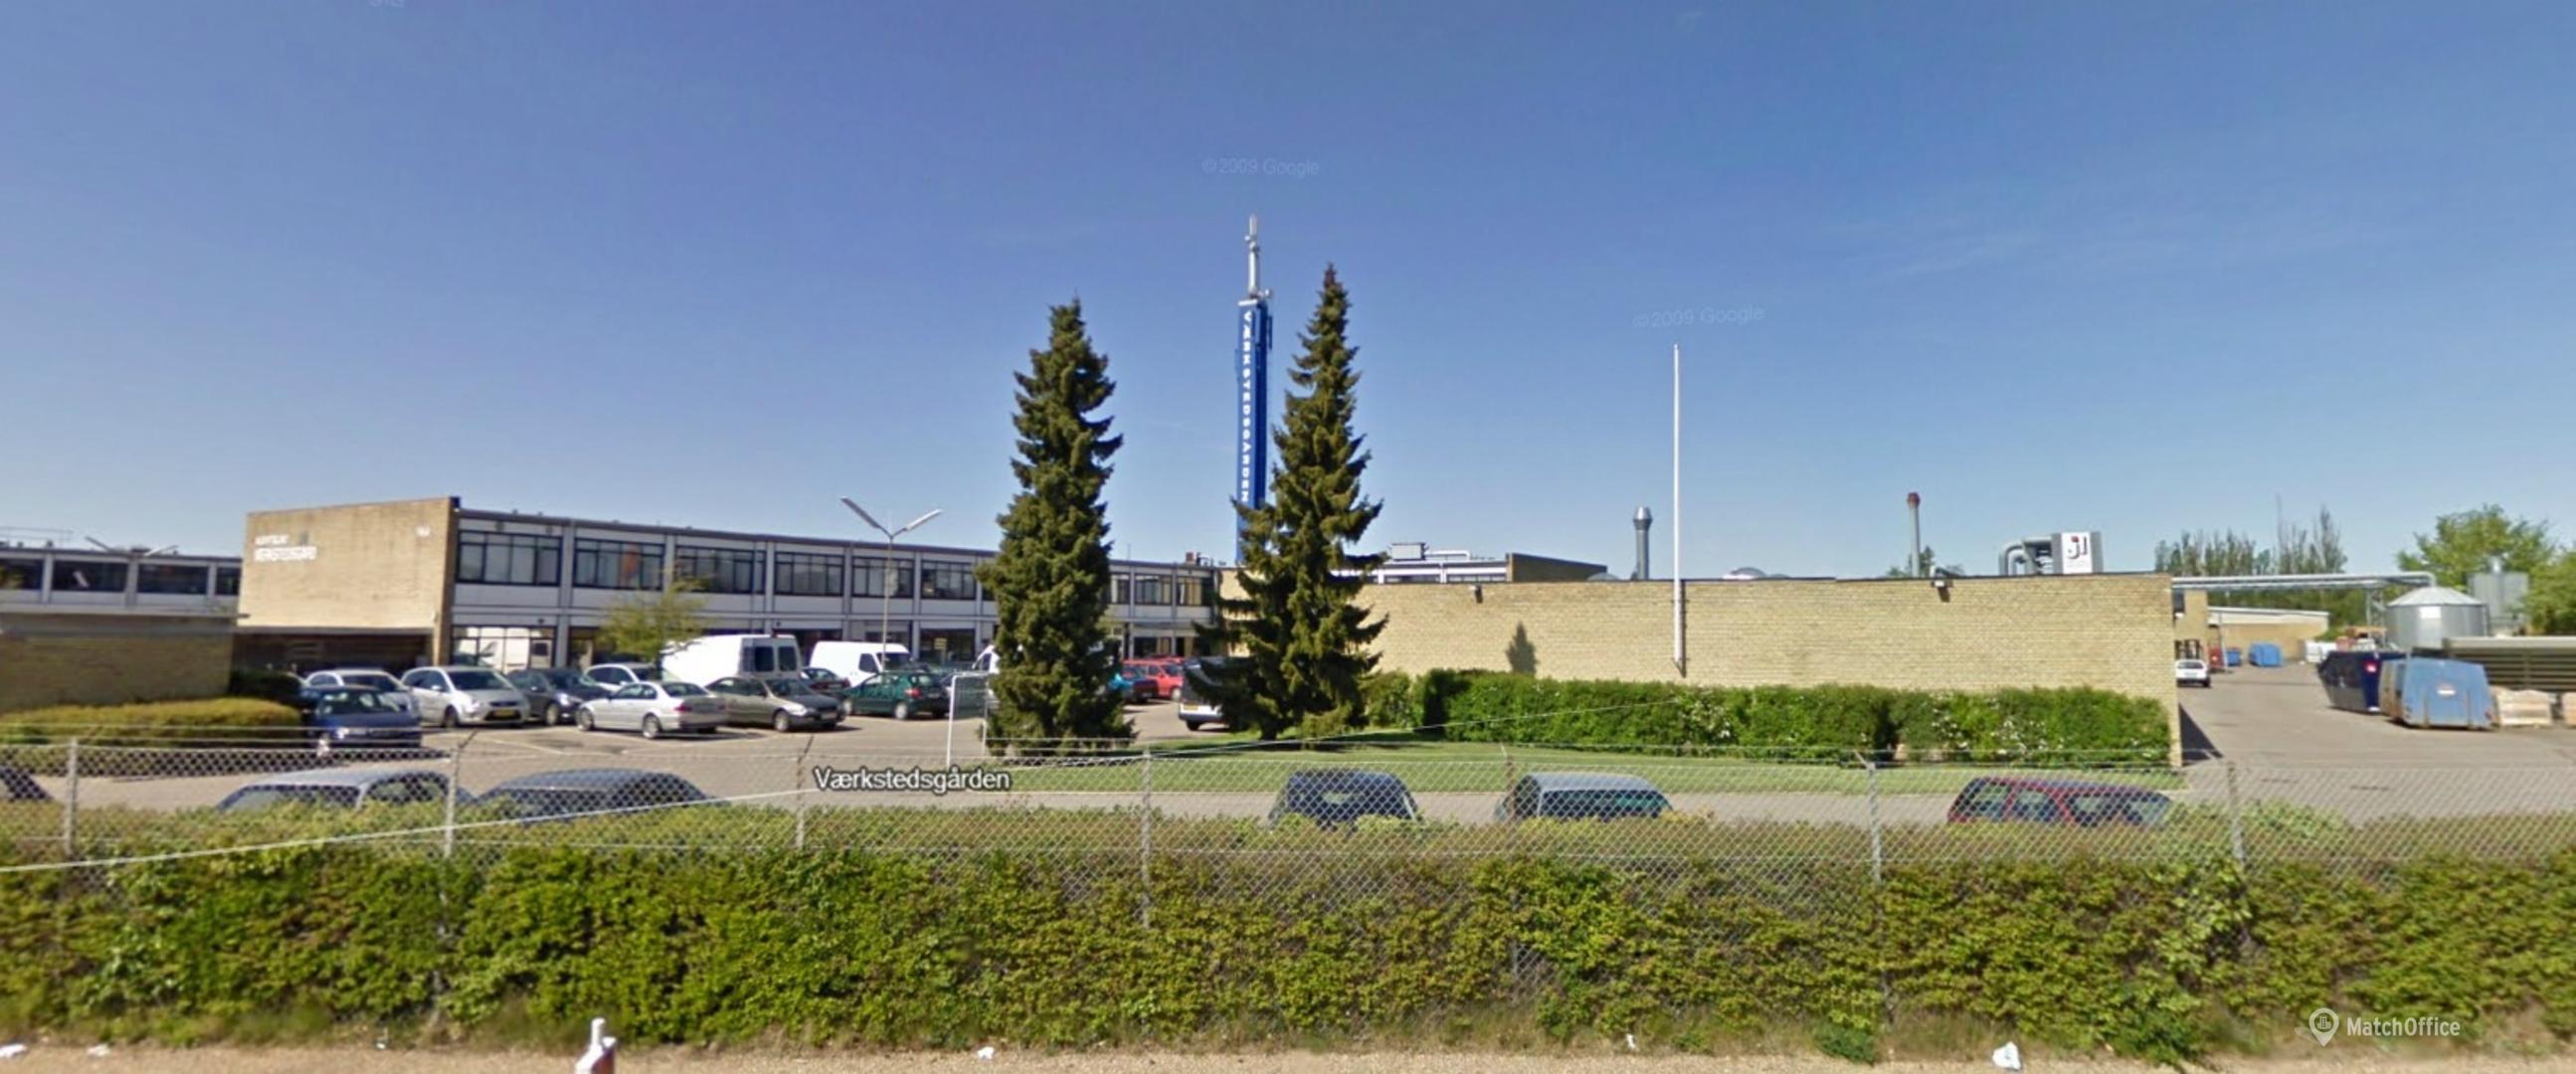 albertslund motor center